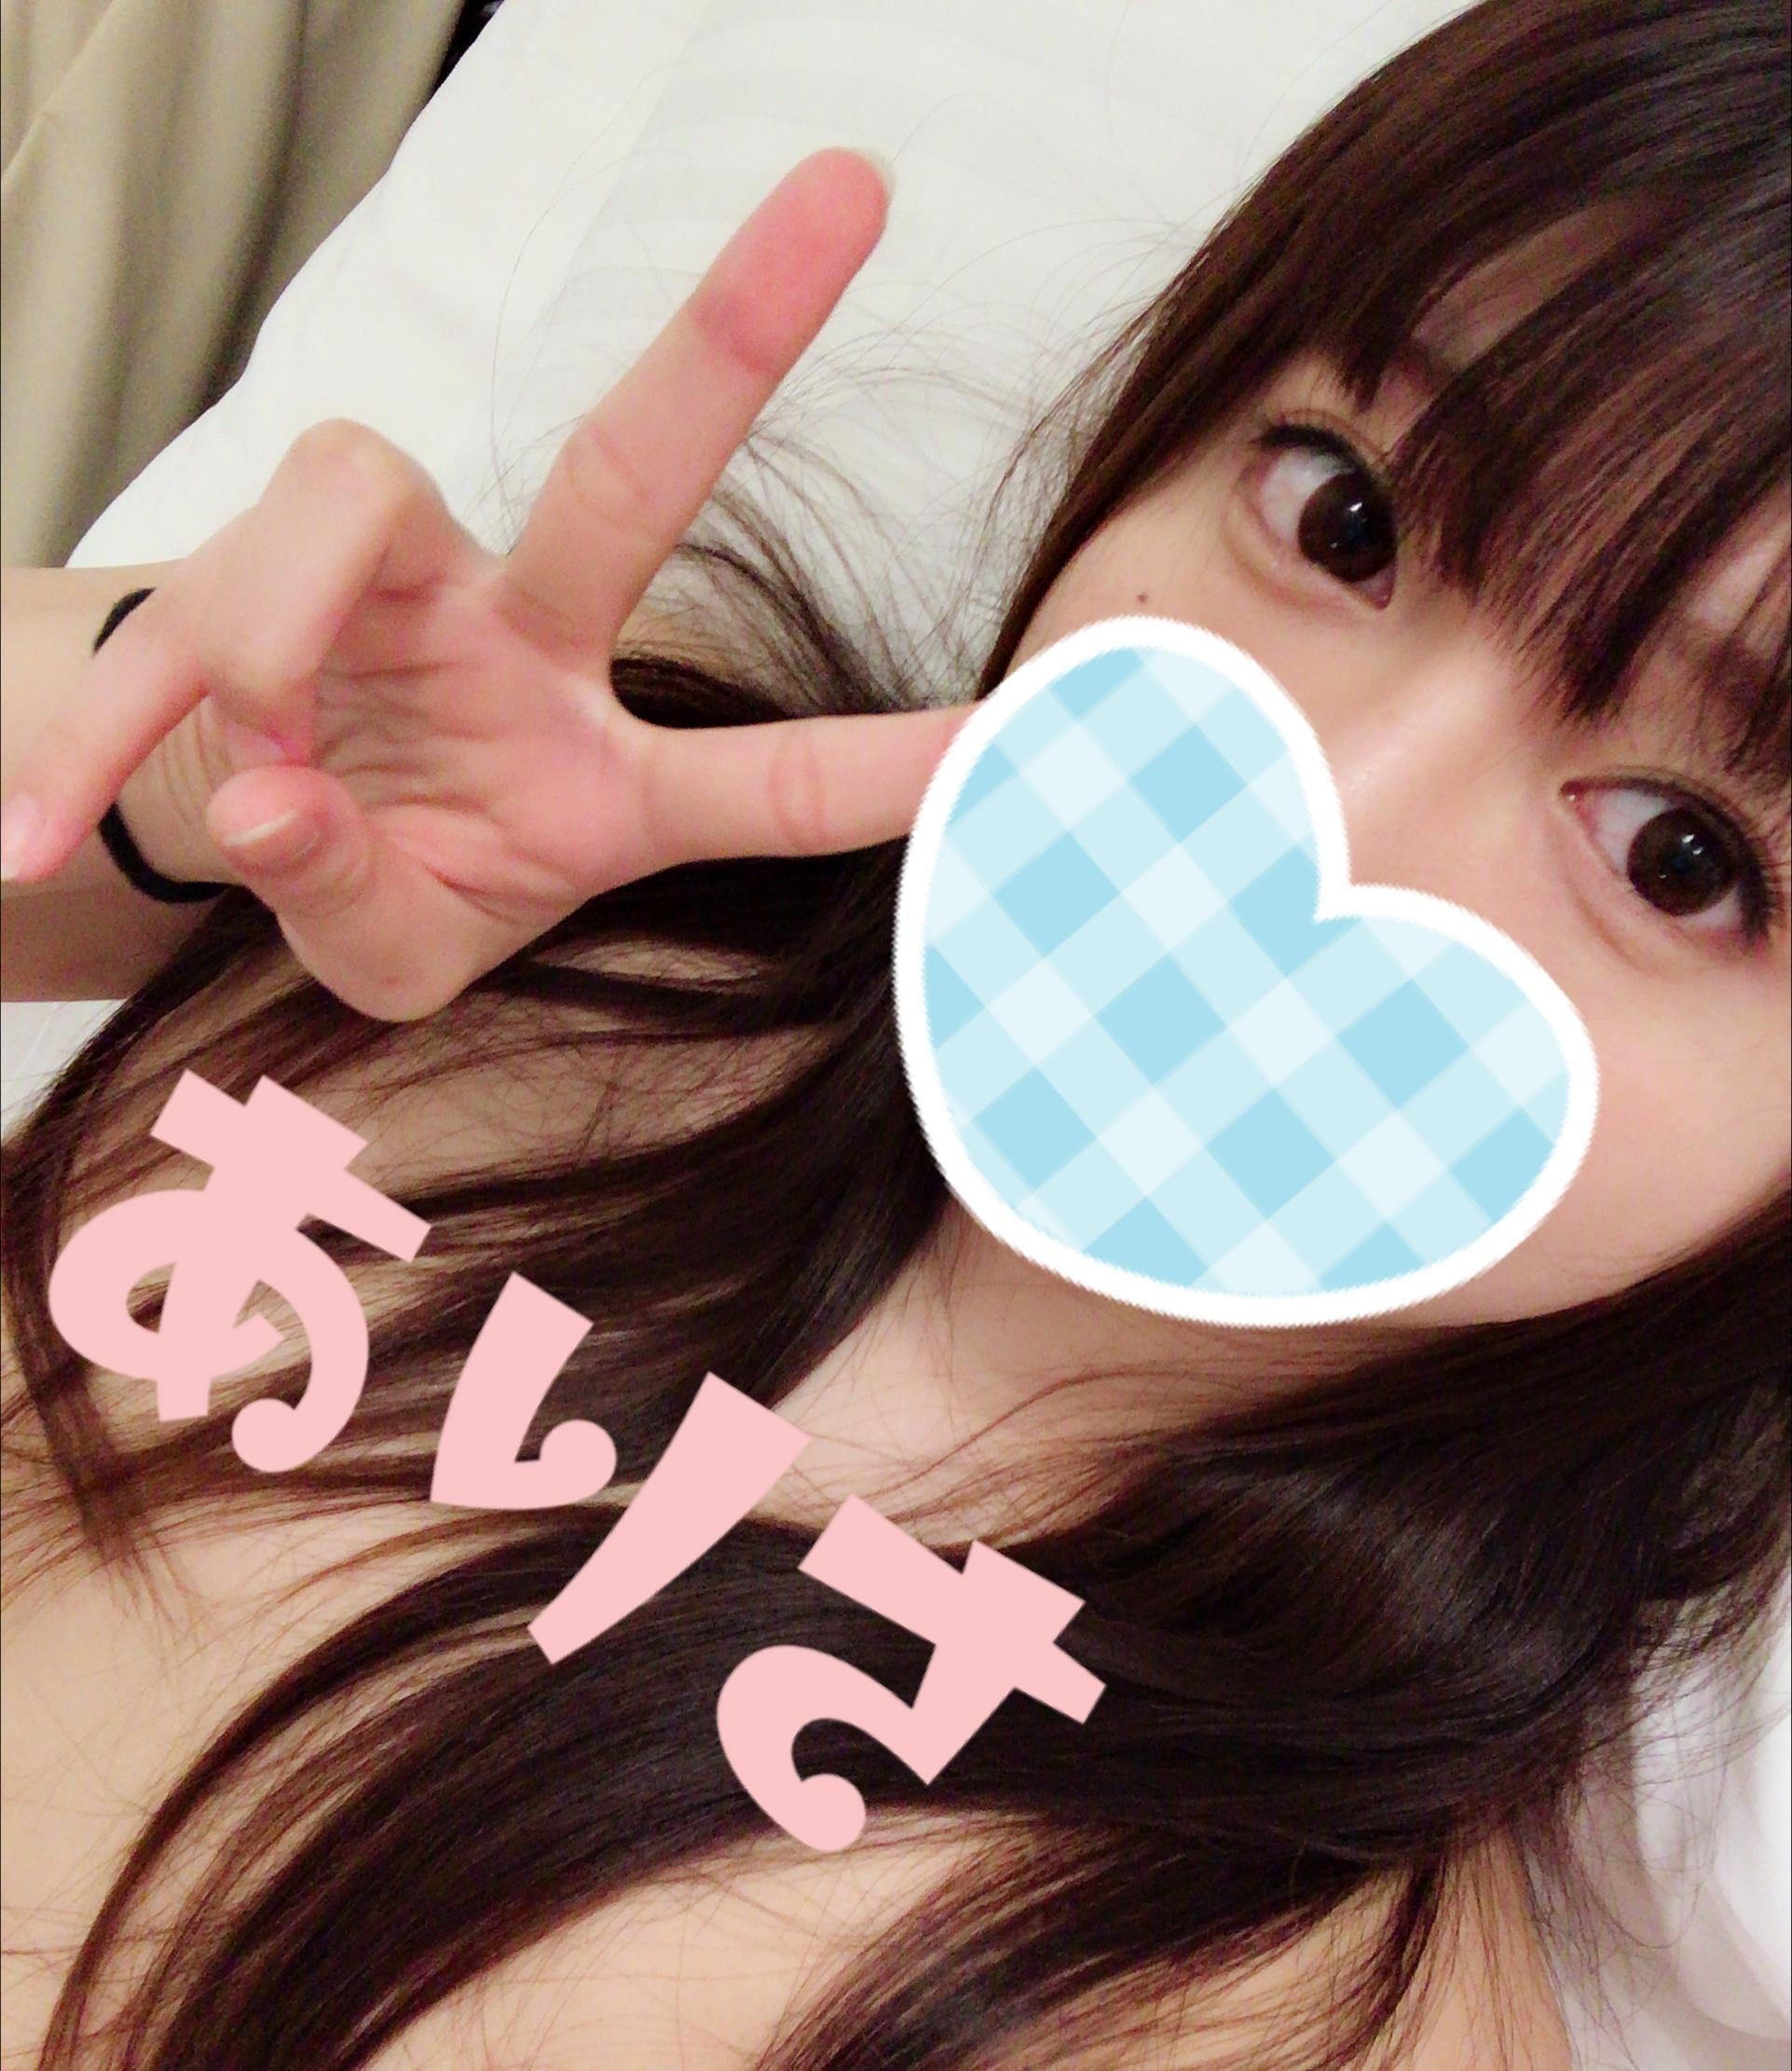 「GOGO」06/29(06/29) 19:55 | ありさの写メ・風俗動画